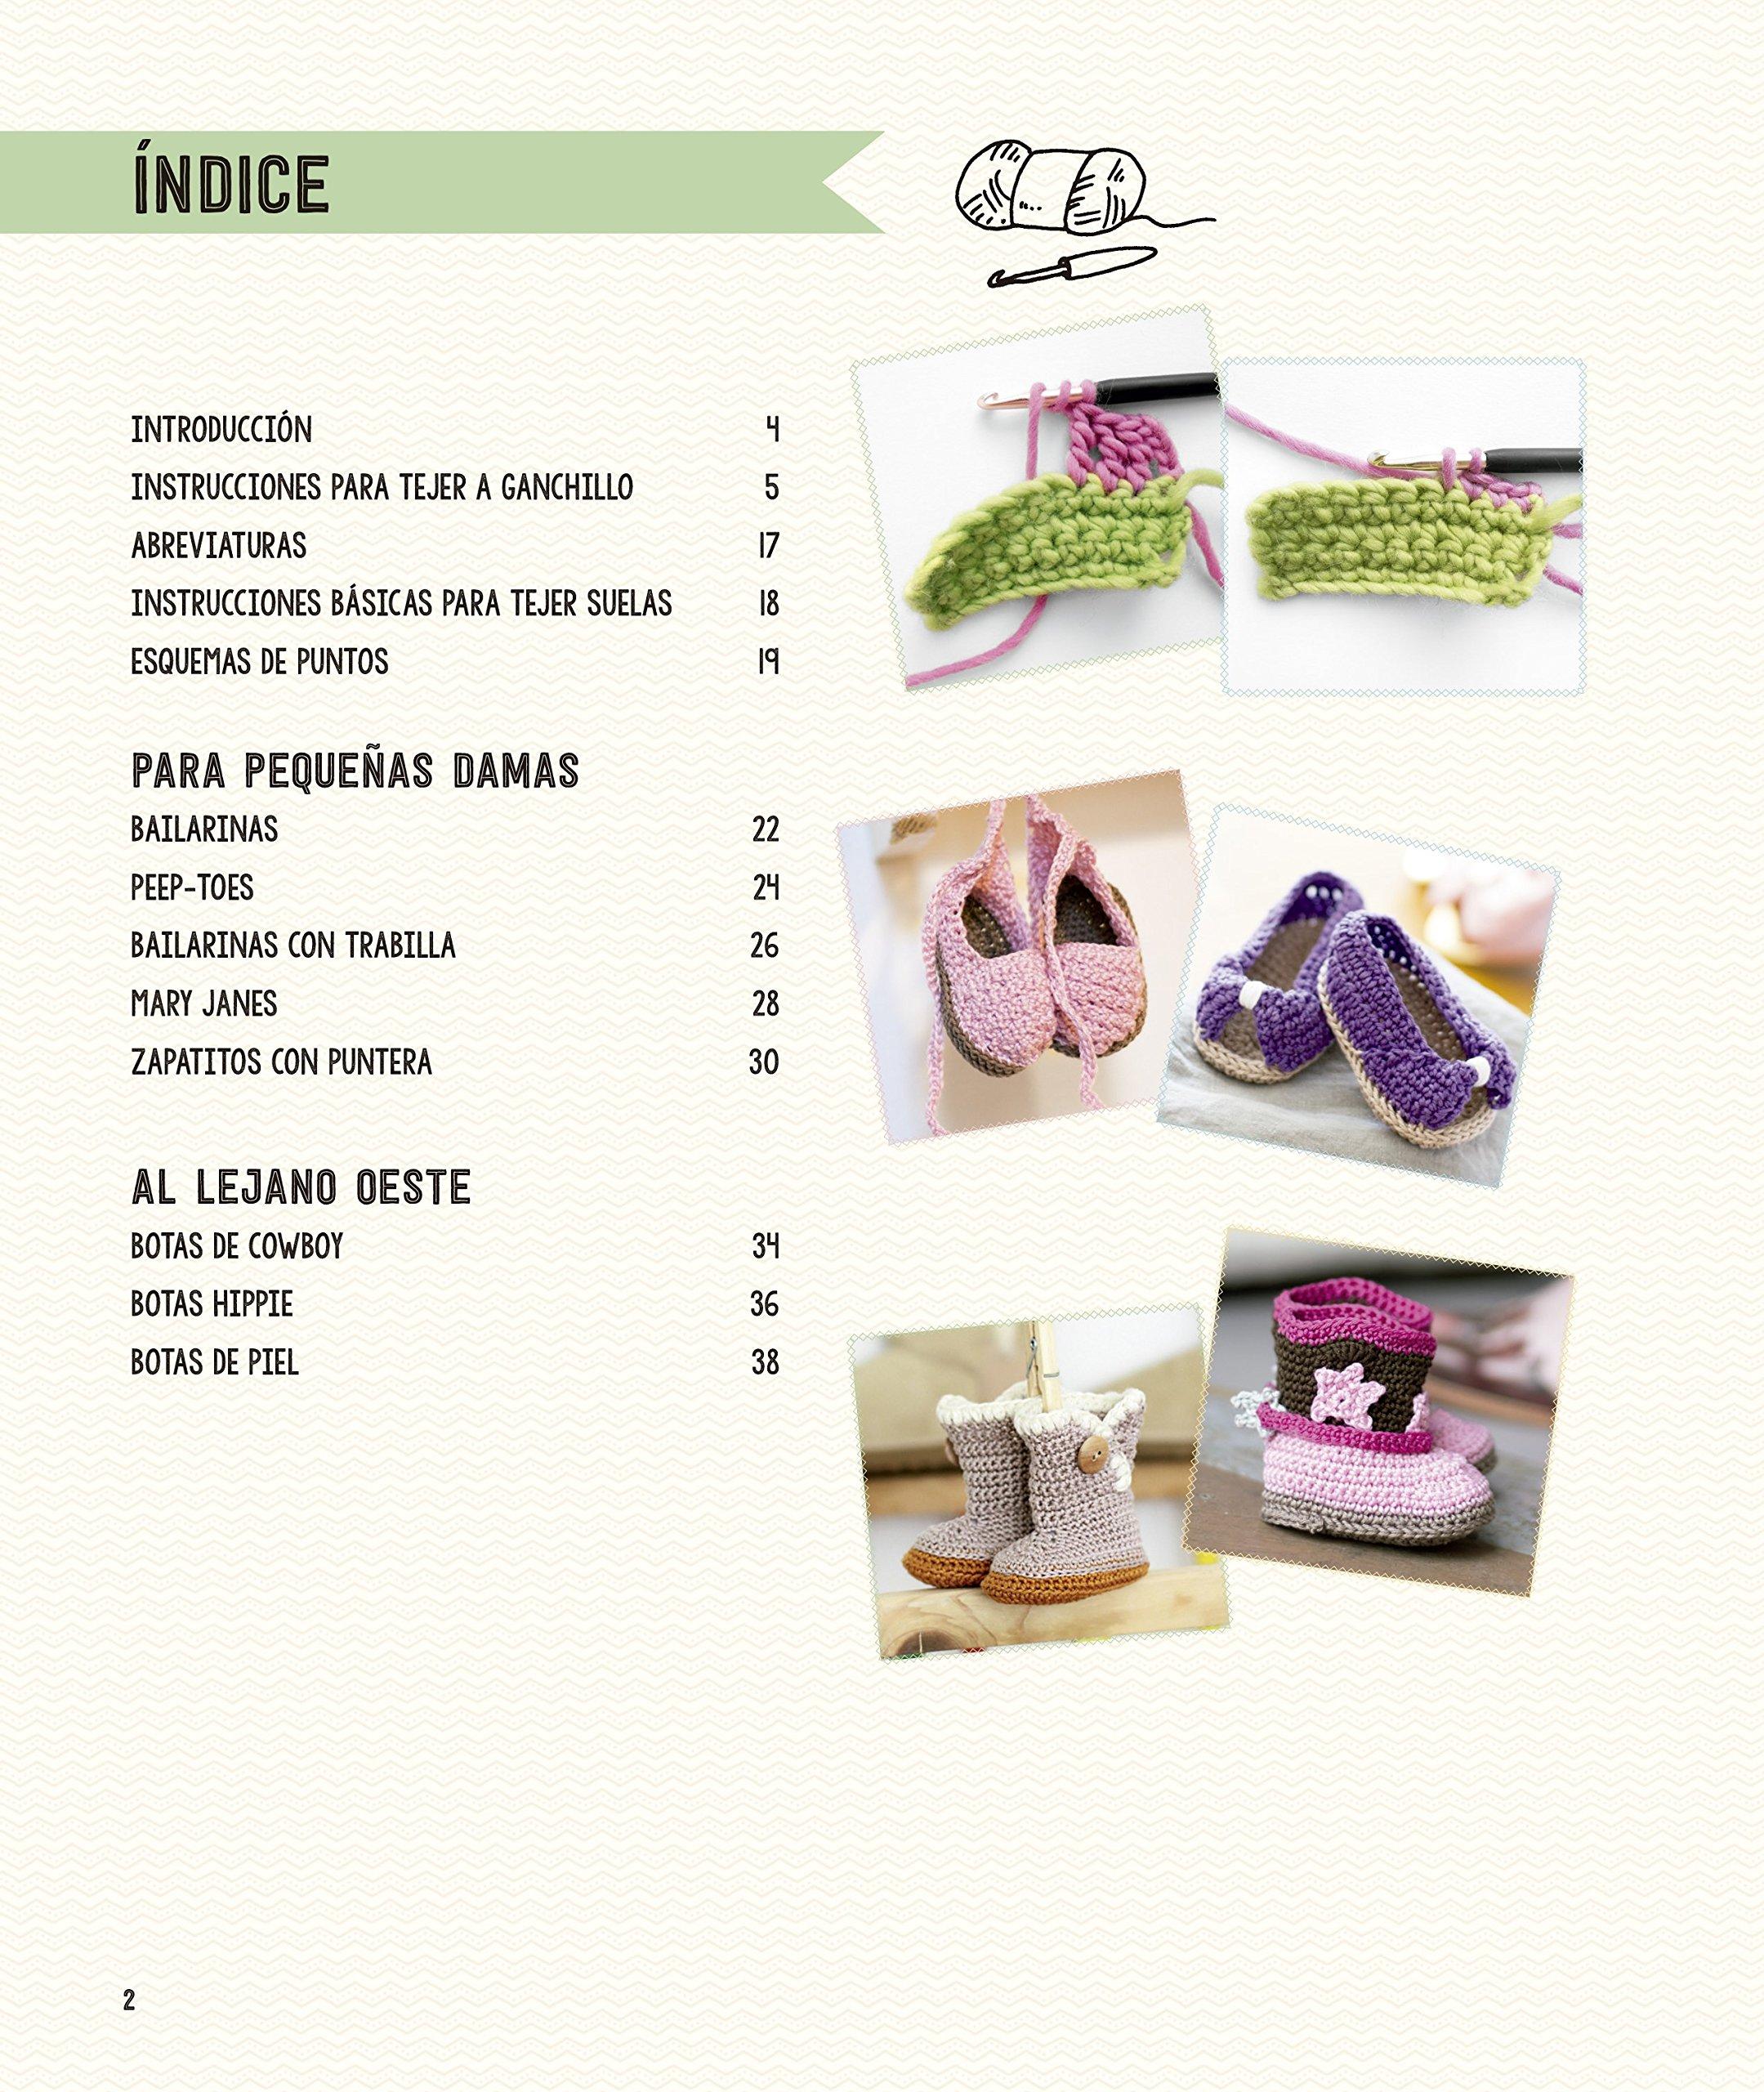 Patucos De Ganchillo Para Bebes: Amazon.es: Lucia Förthmann ...